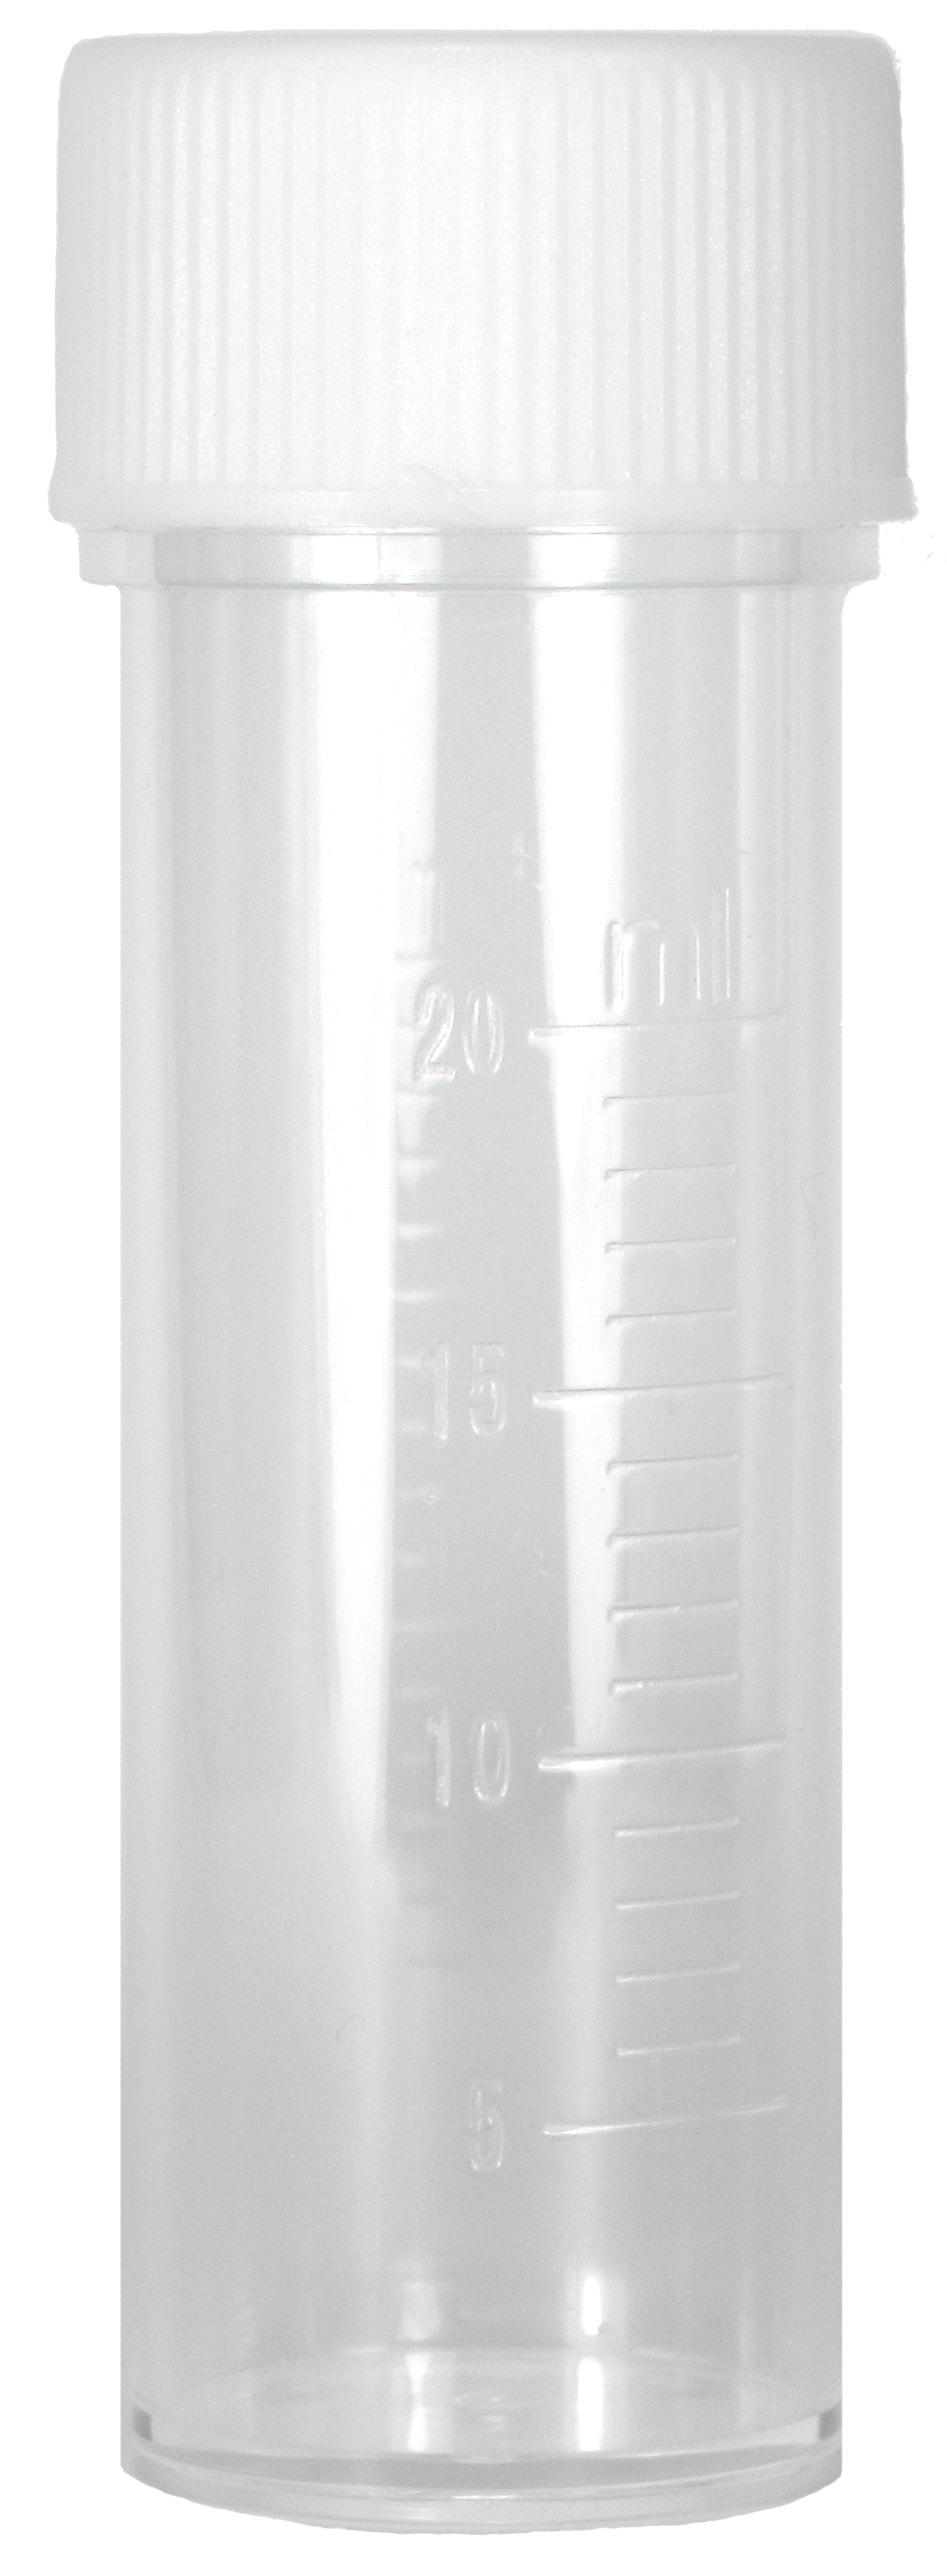 H2 Blue Kit Wasserstoff-Testfluessigkeit Messbecher